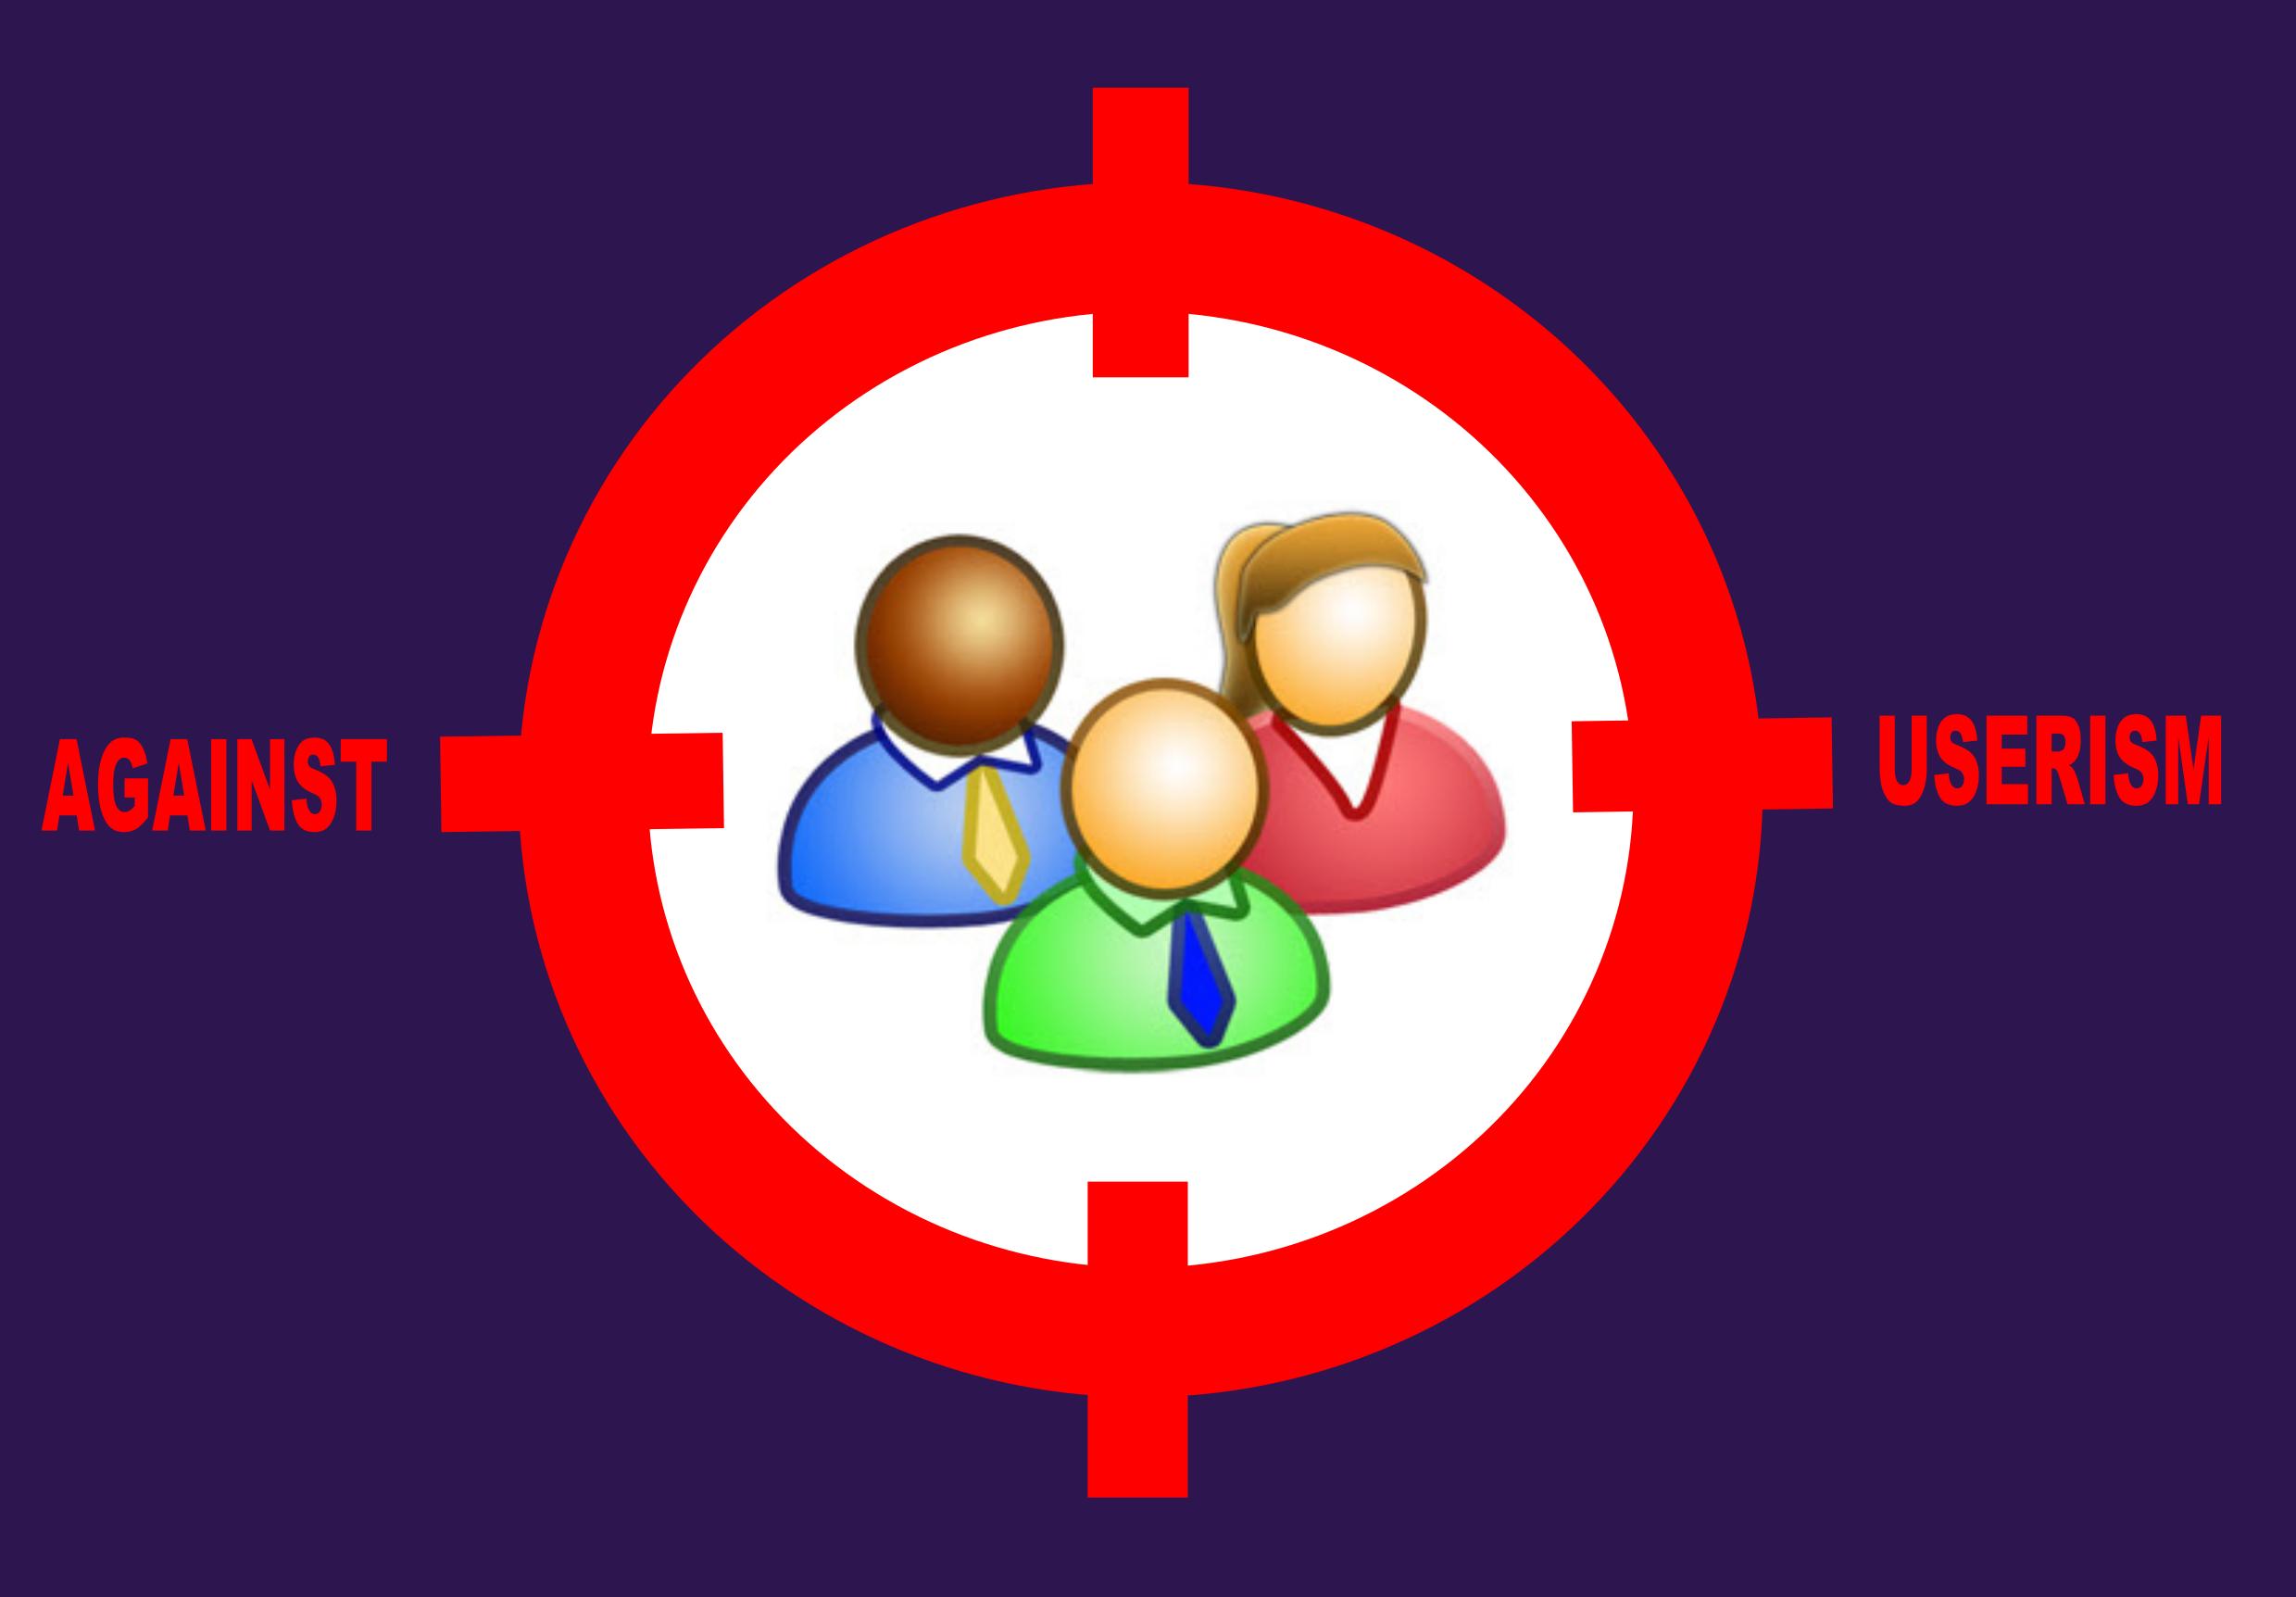 Against Userism